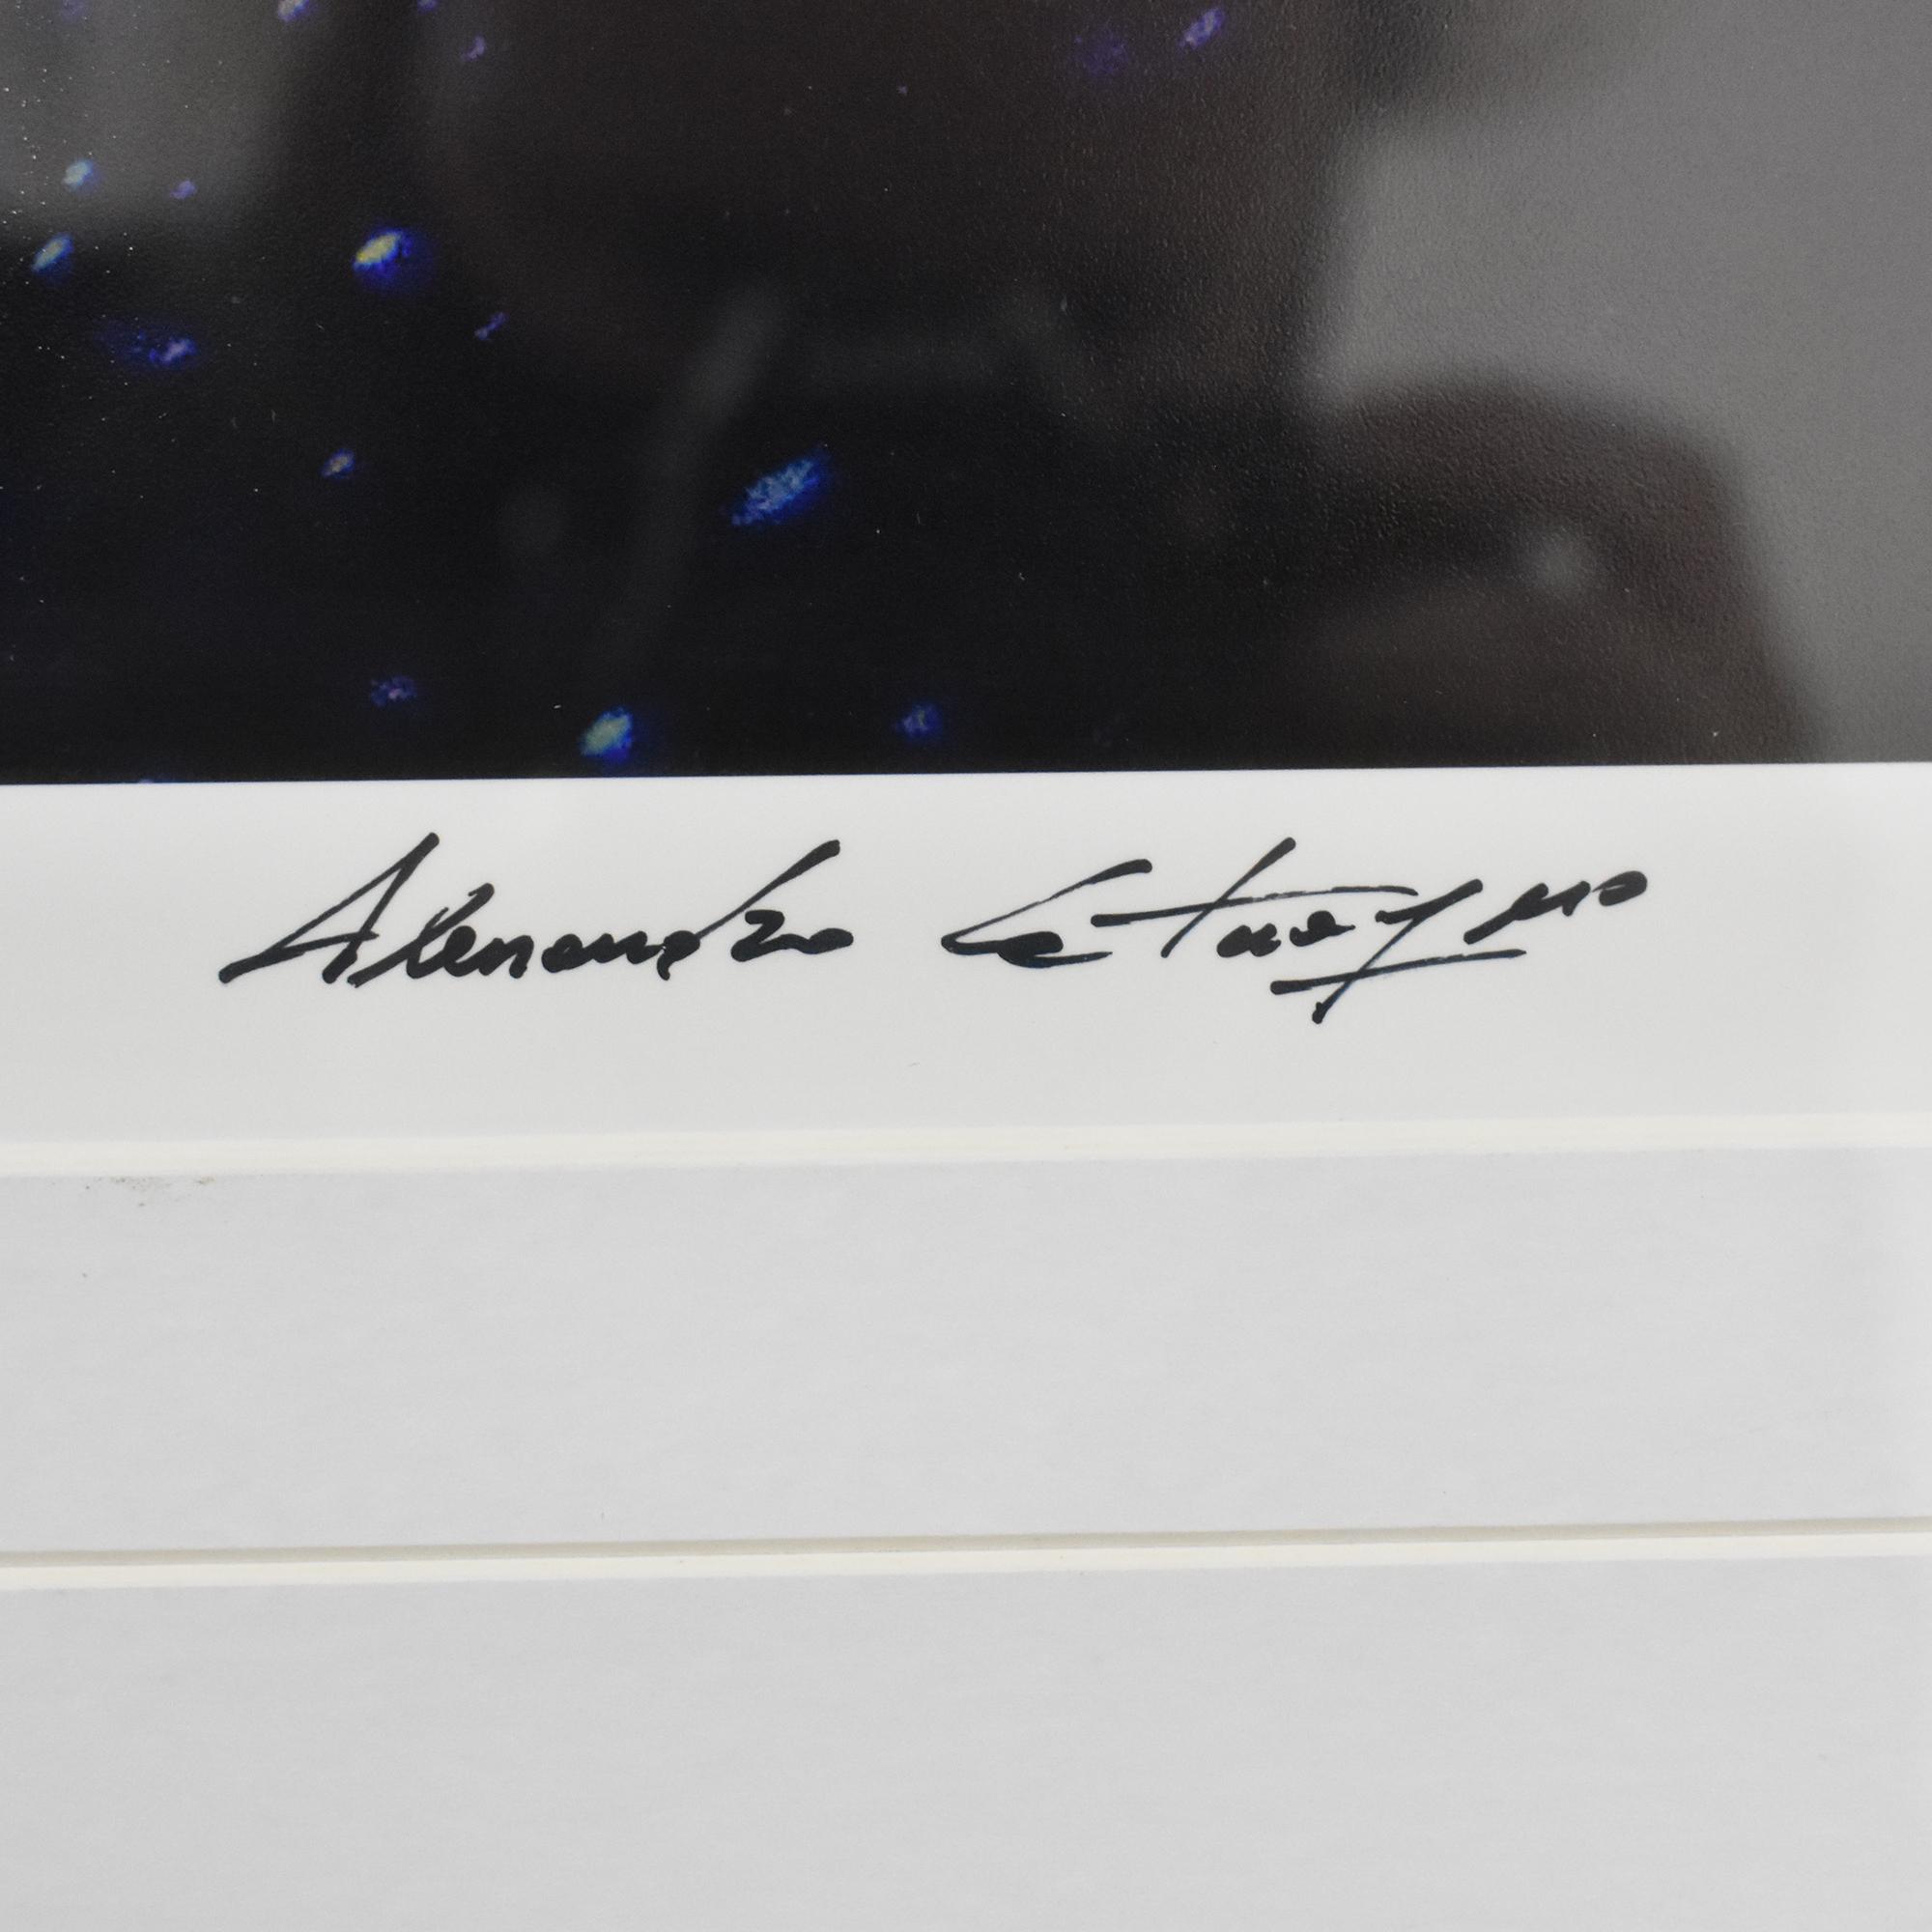 buy Atlantide Fine Art Gallery Alessandro Catuogno Framed Wall Art  Wall Art